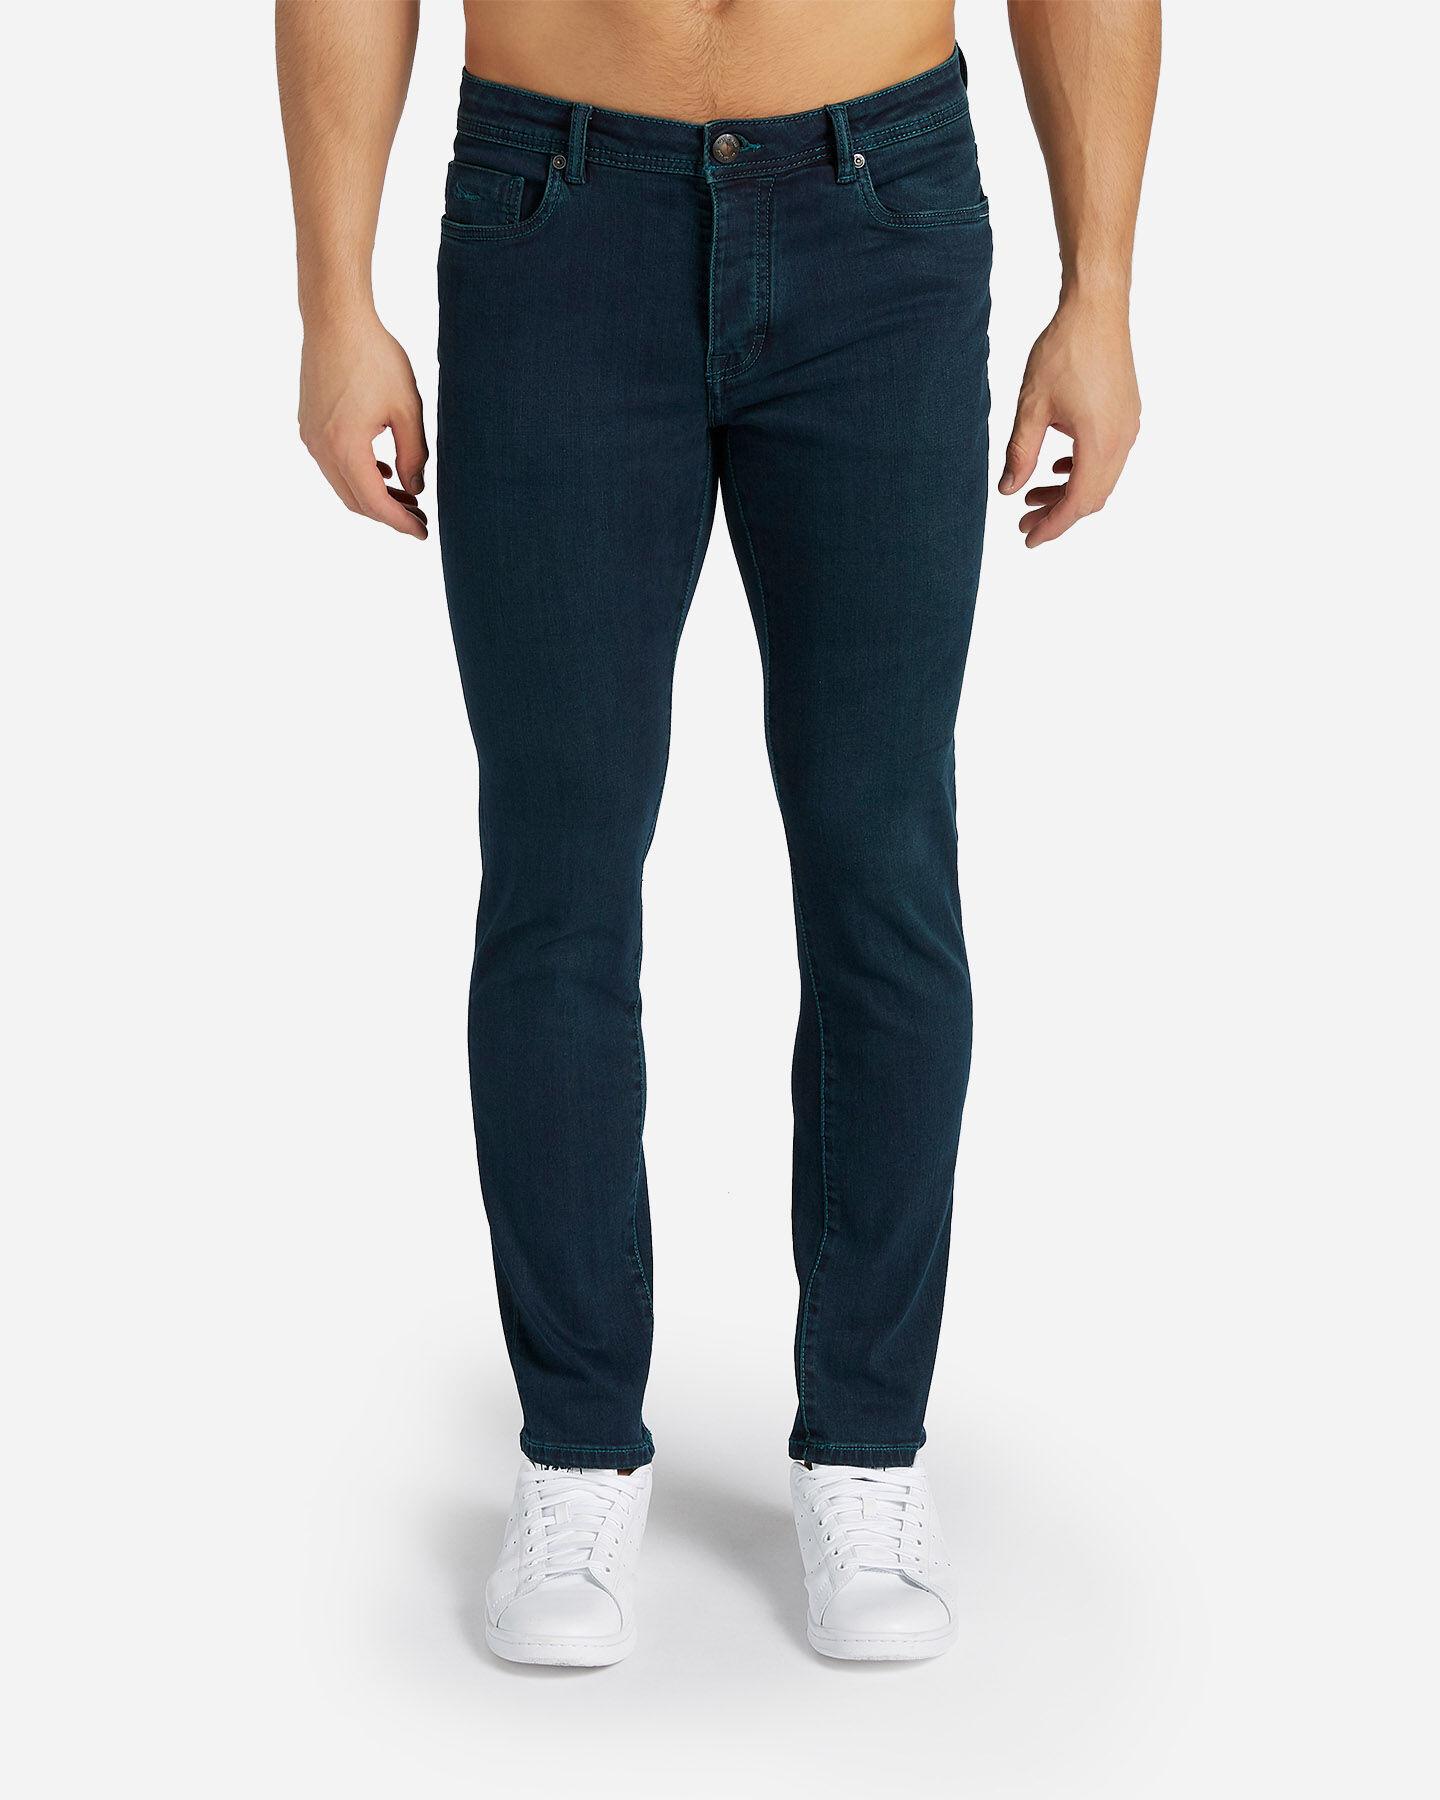 Jeans COTTON BELT CHANDLER SLIM M S4070911 scatto 0